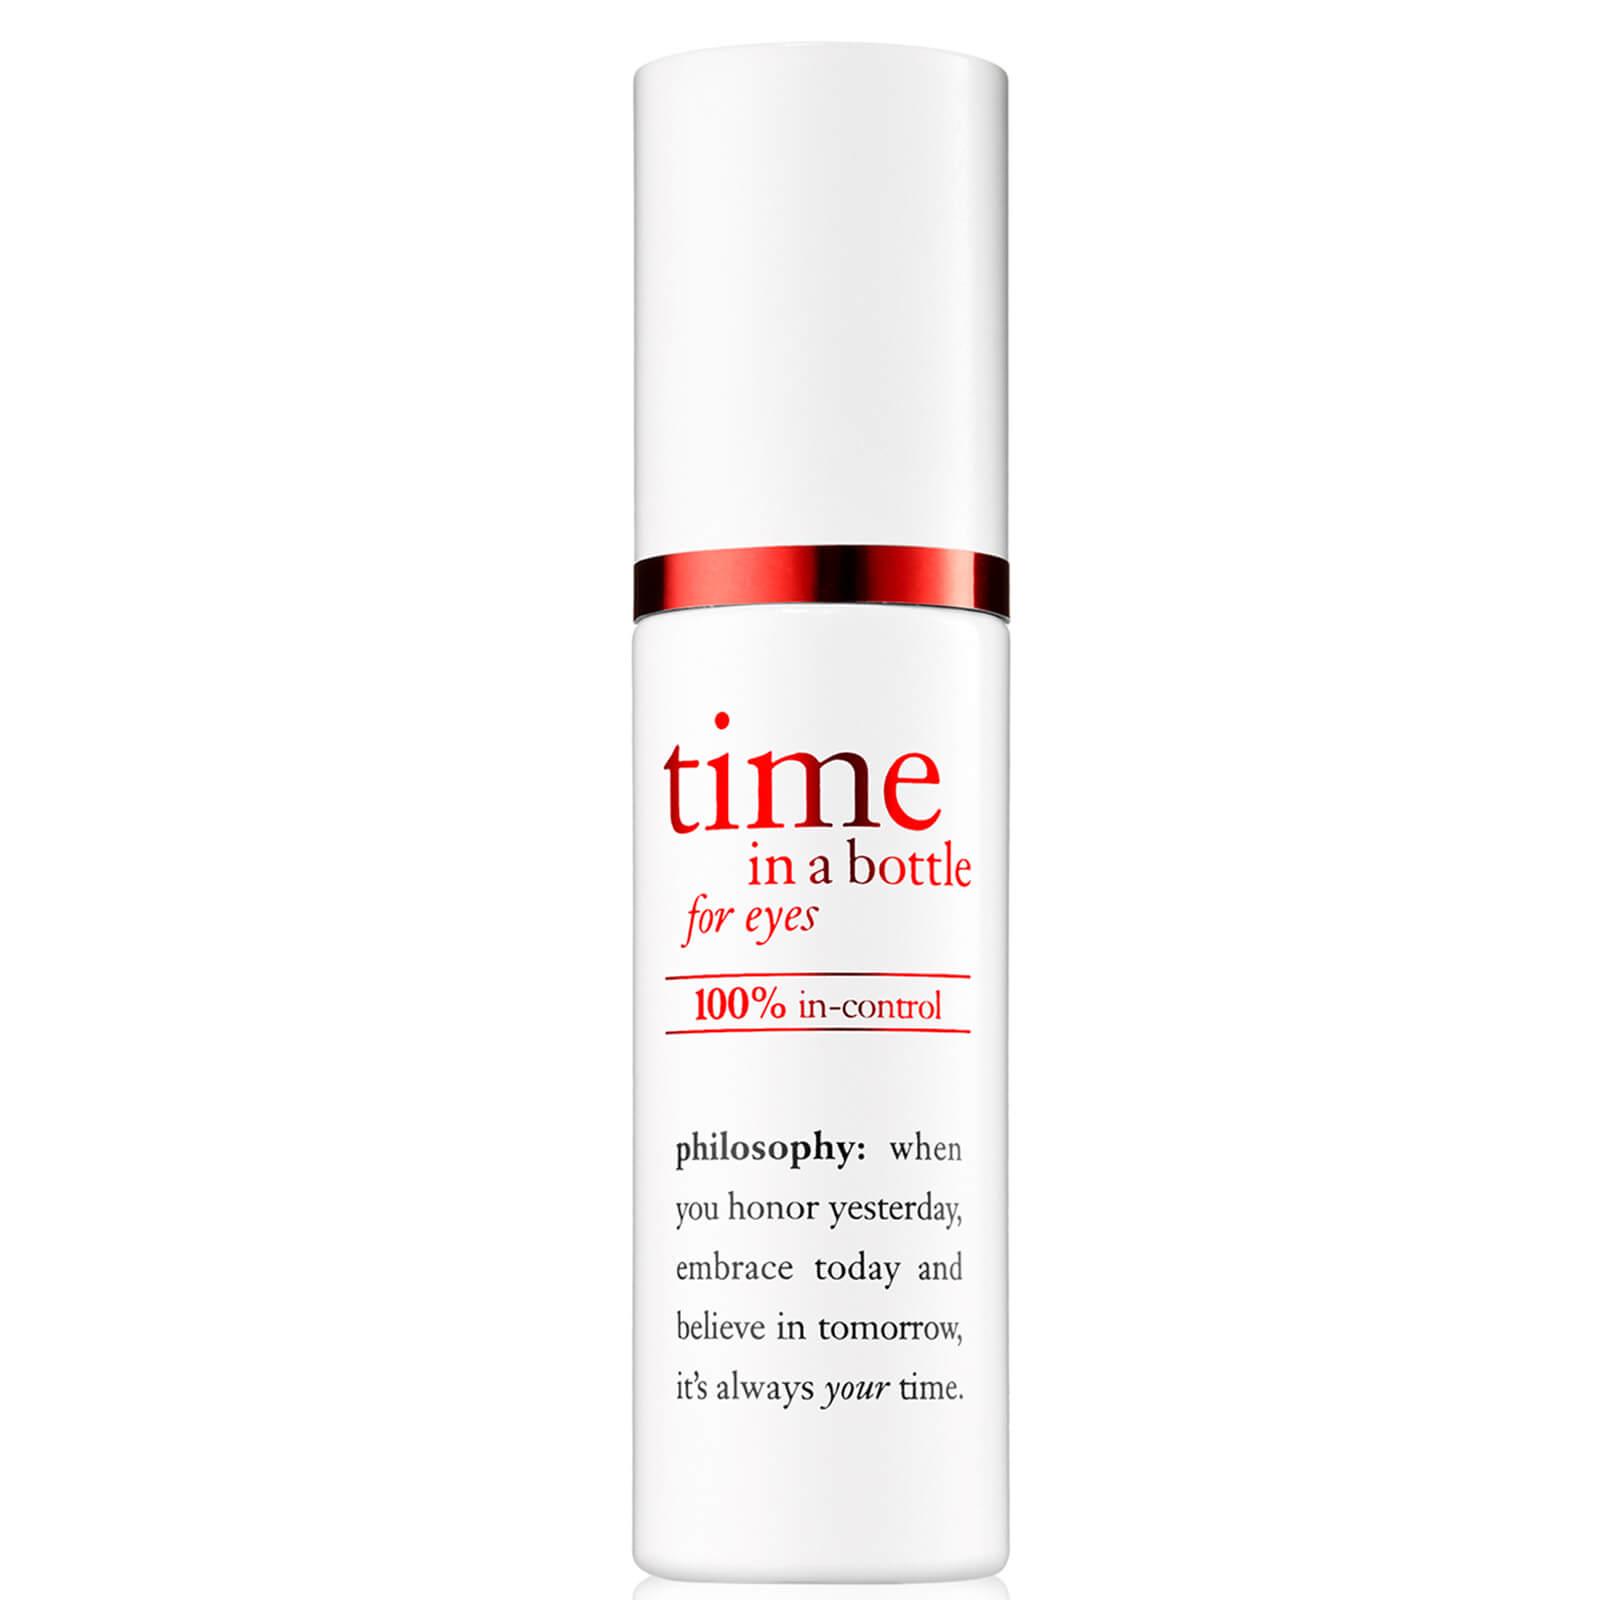 philosophy Time in a Bottle Eye Serum 15ml